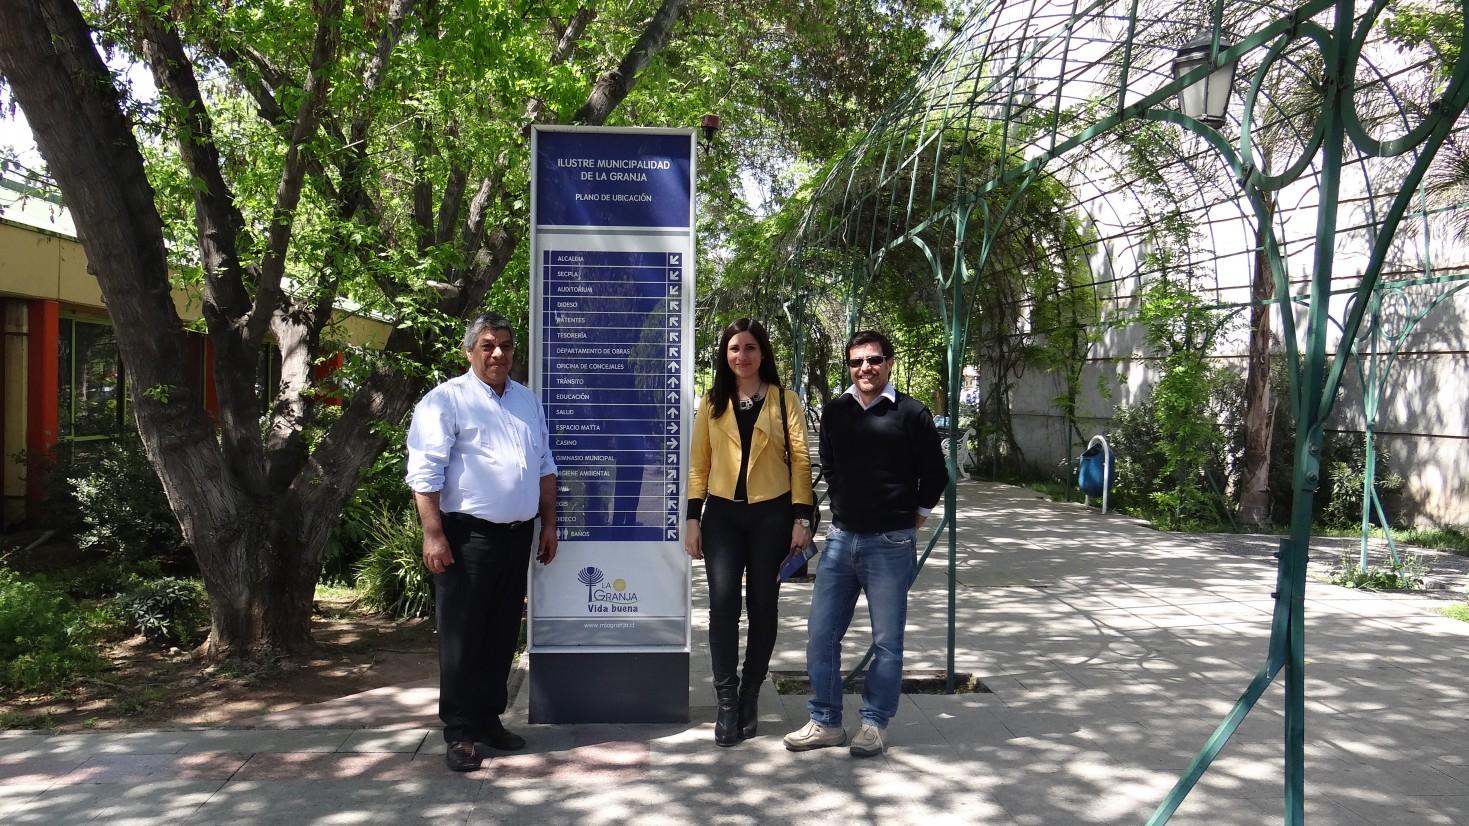 Fructífera reunión en clínica de diálisis de Municipalidad de la Granja en Santiago